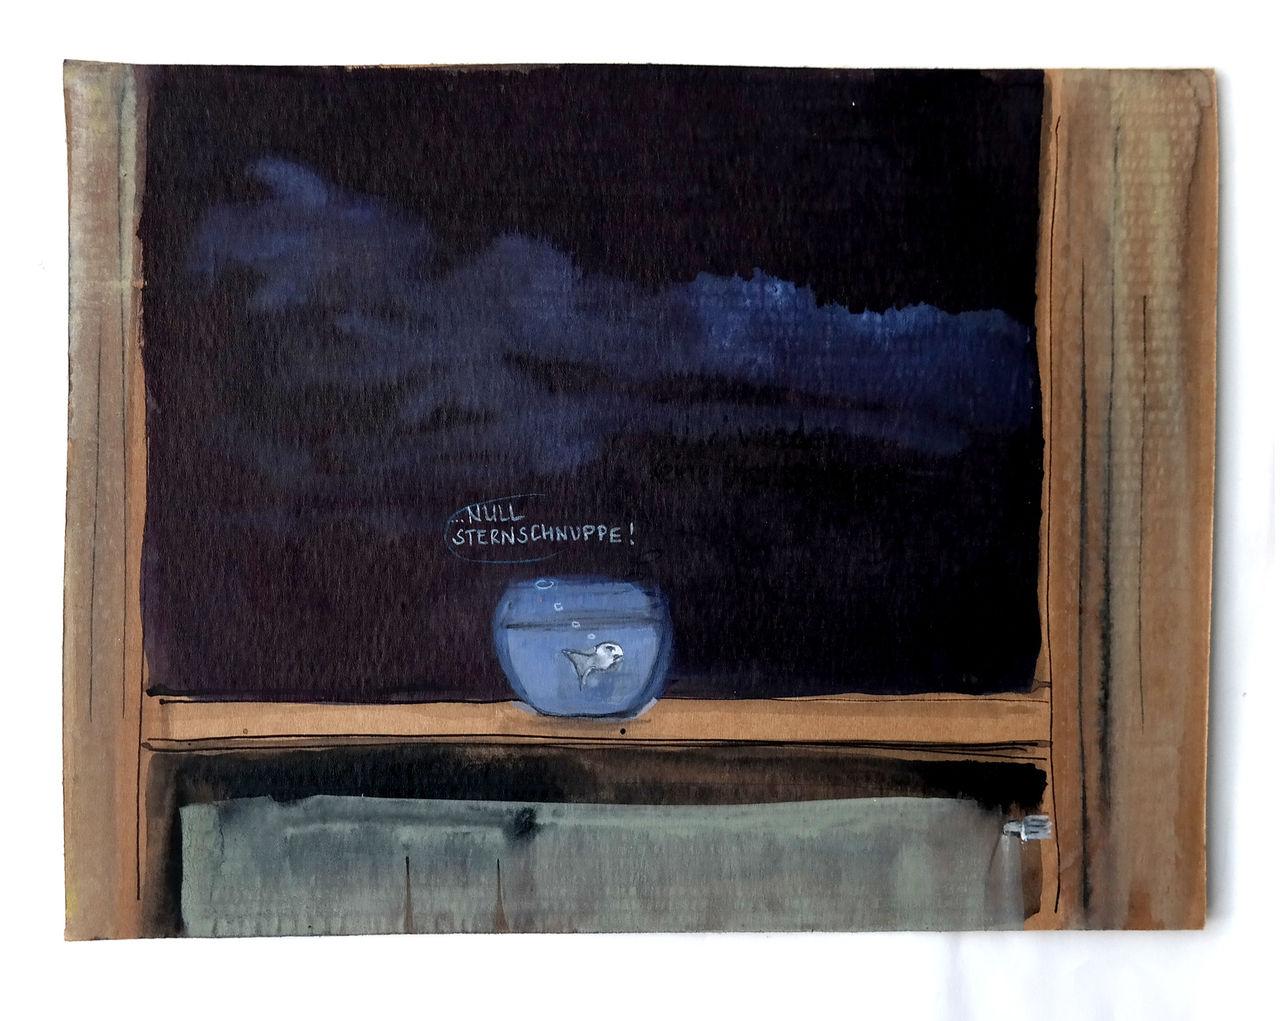 bild goldfisch fenster nacht vorhang von victor koch. Black Bedroom Furniture Sets. Home Design Ideas